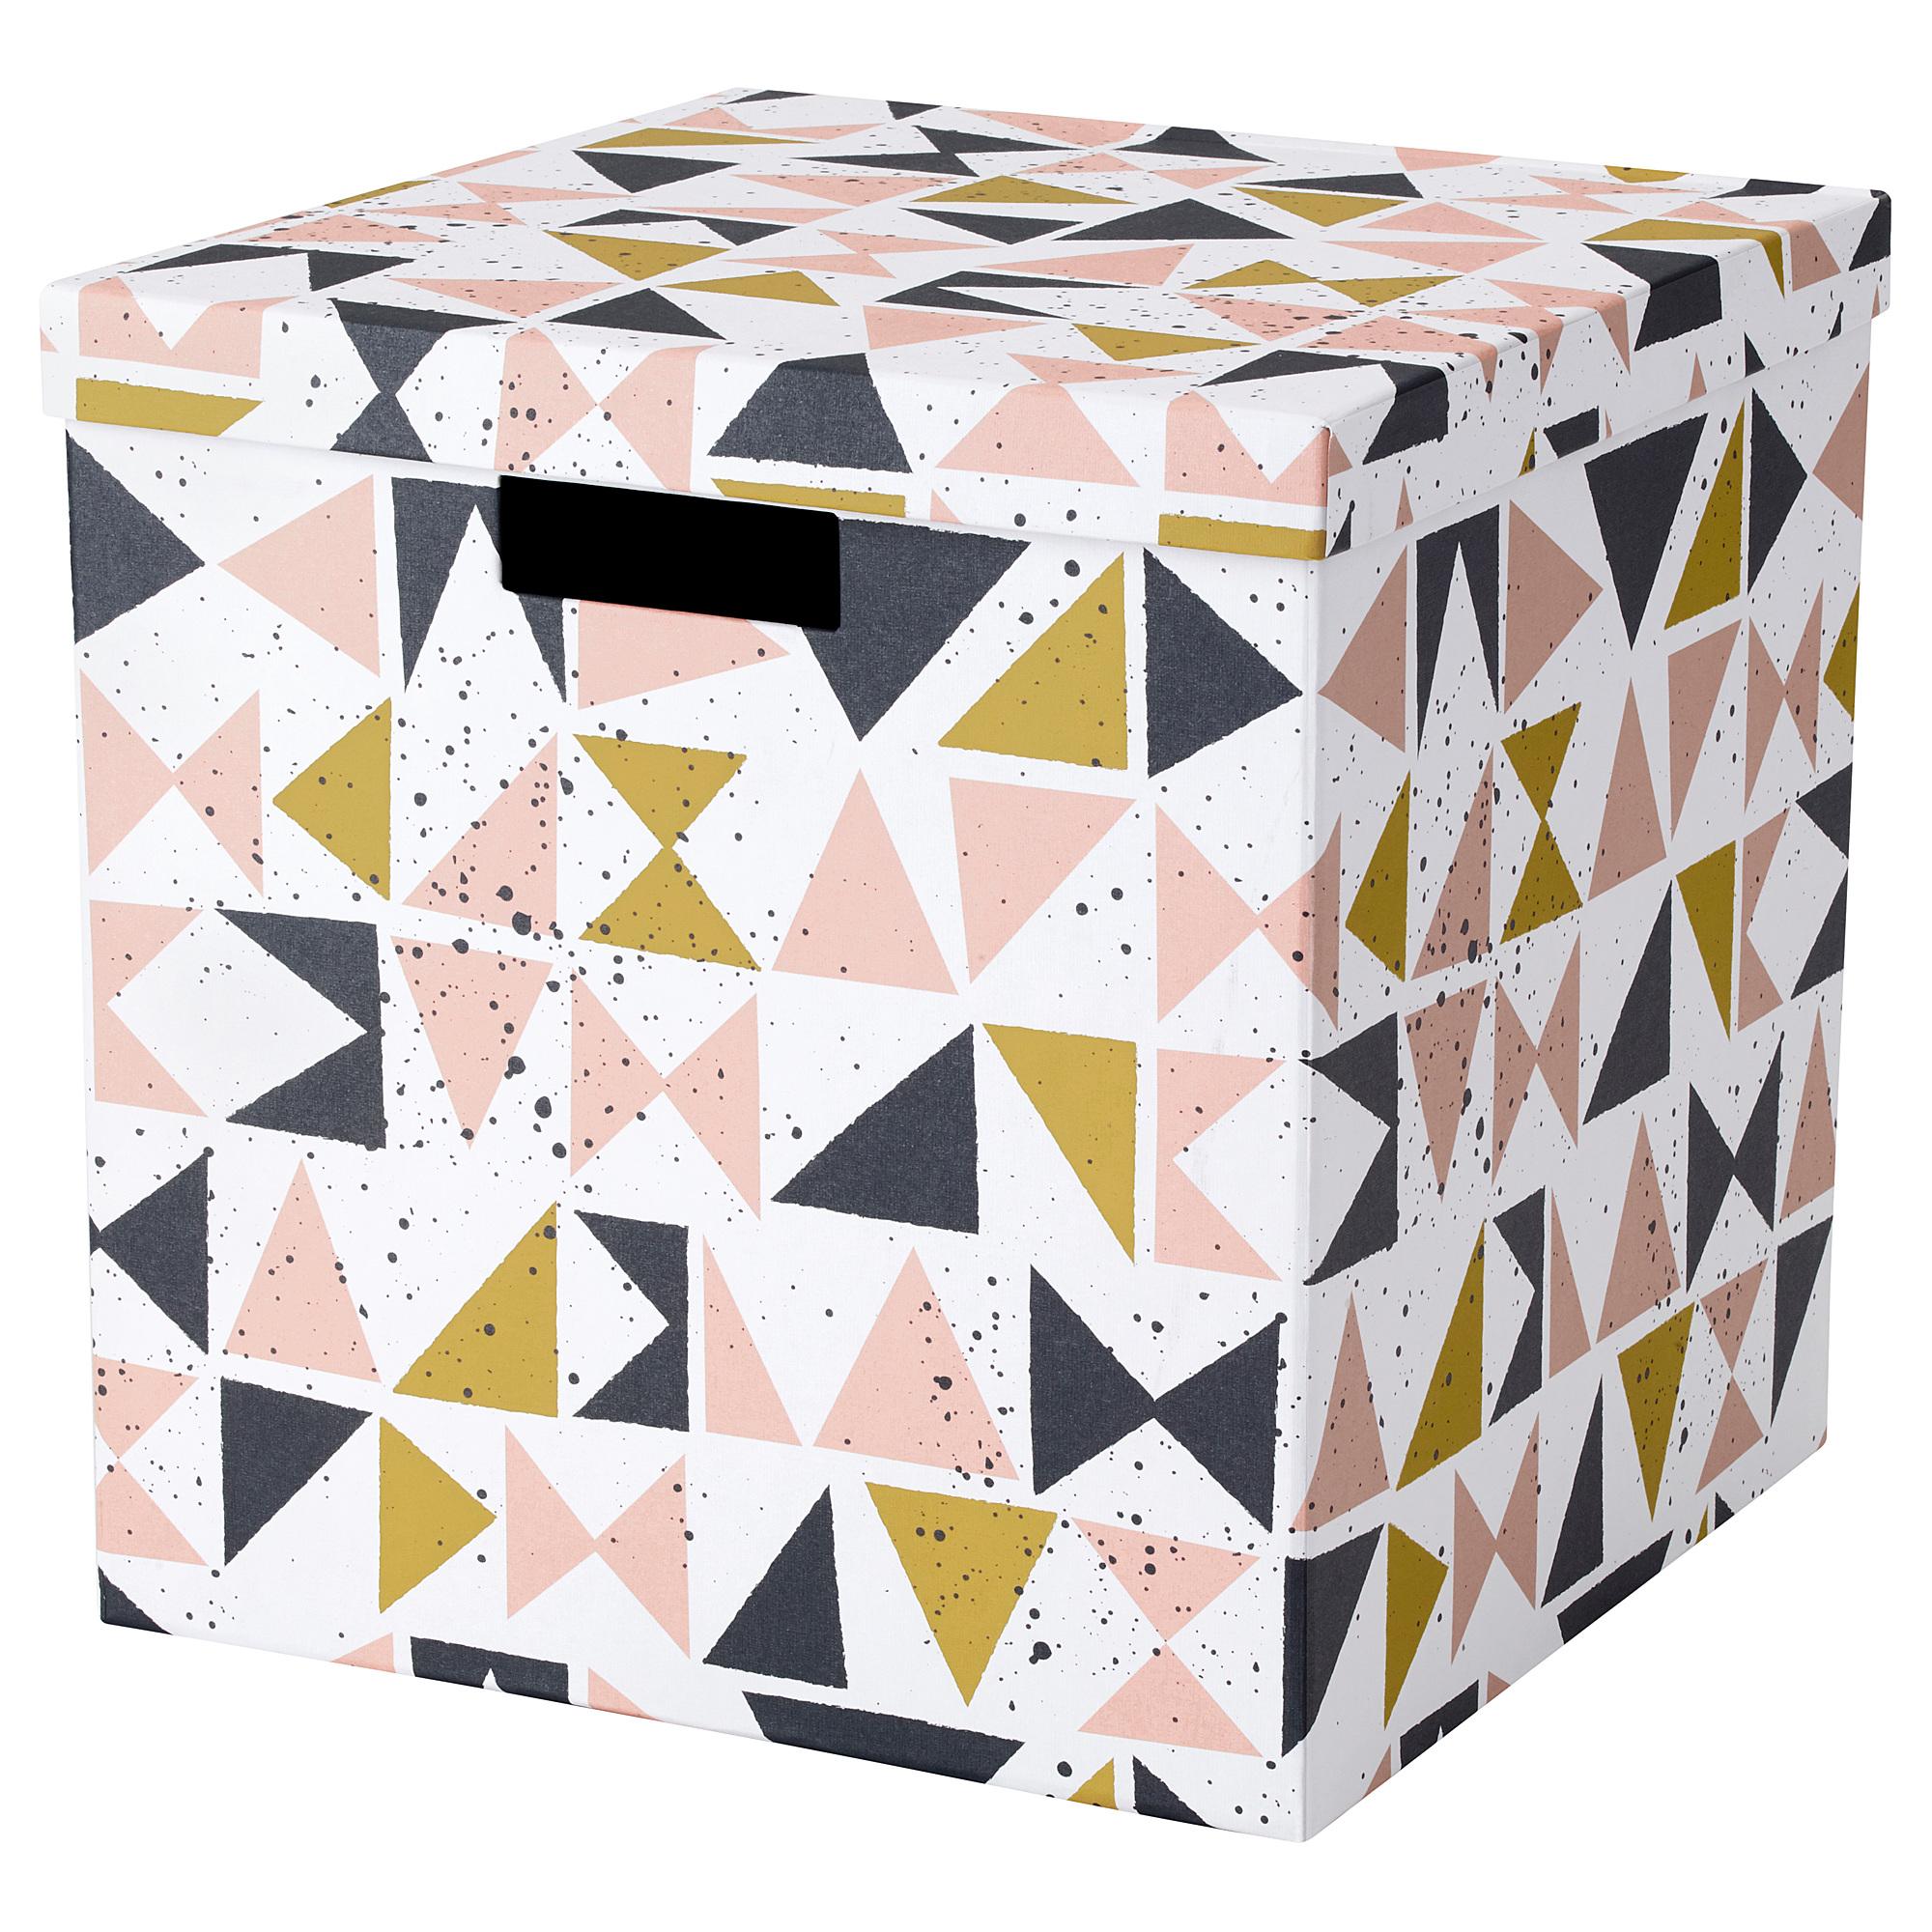 Коробка с крышкой ТЬЕНА черный артикуль № 203.982.16 в наличии. Онлайн сайт IKEA Беларусь. Быстрая доставка и соборка.